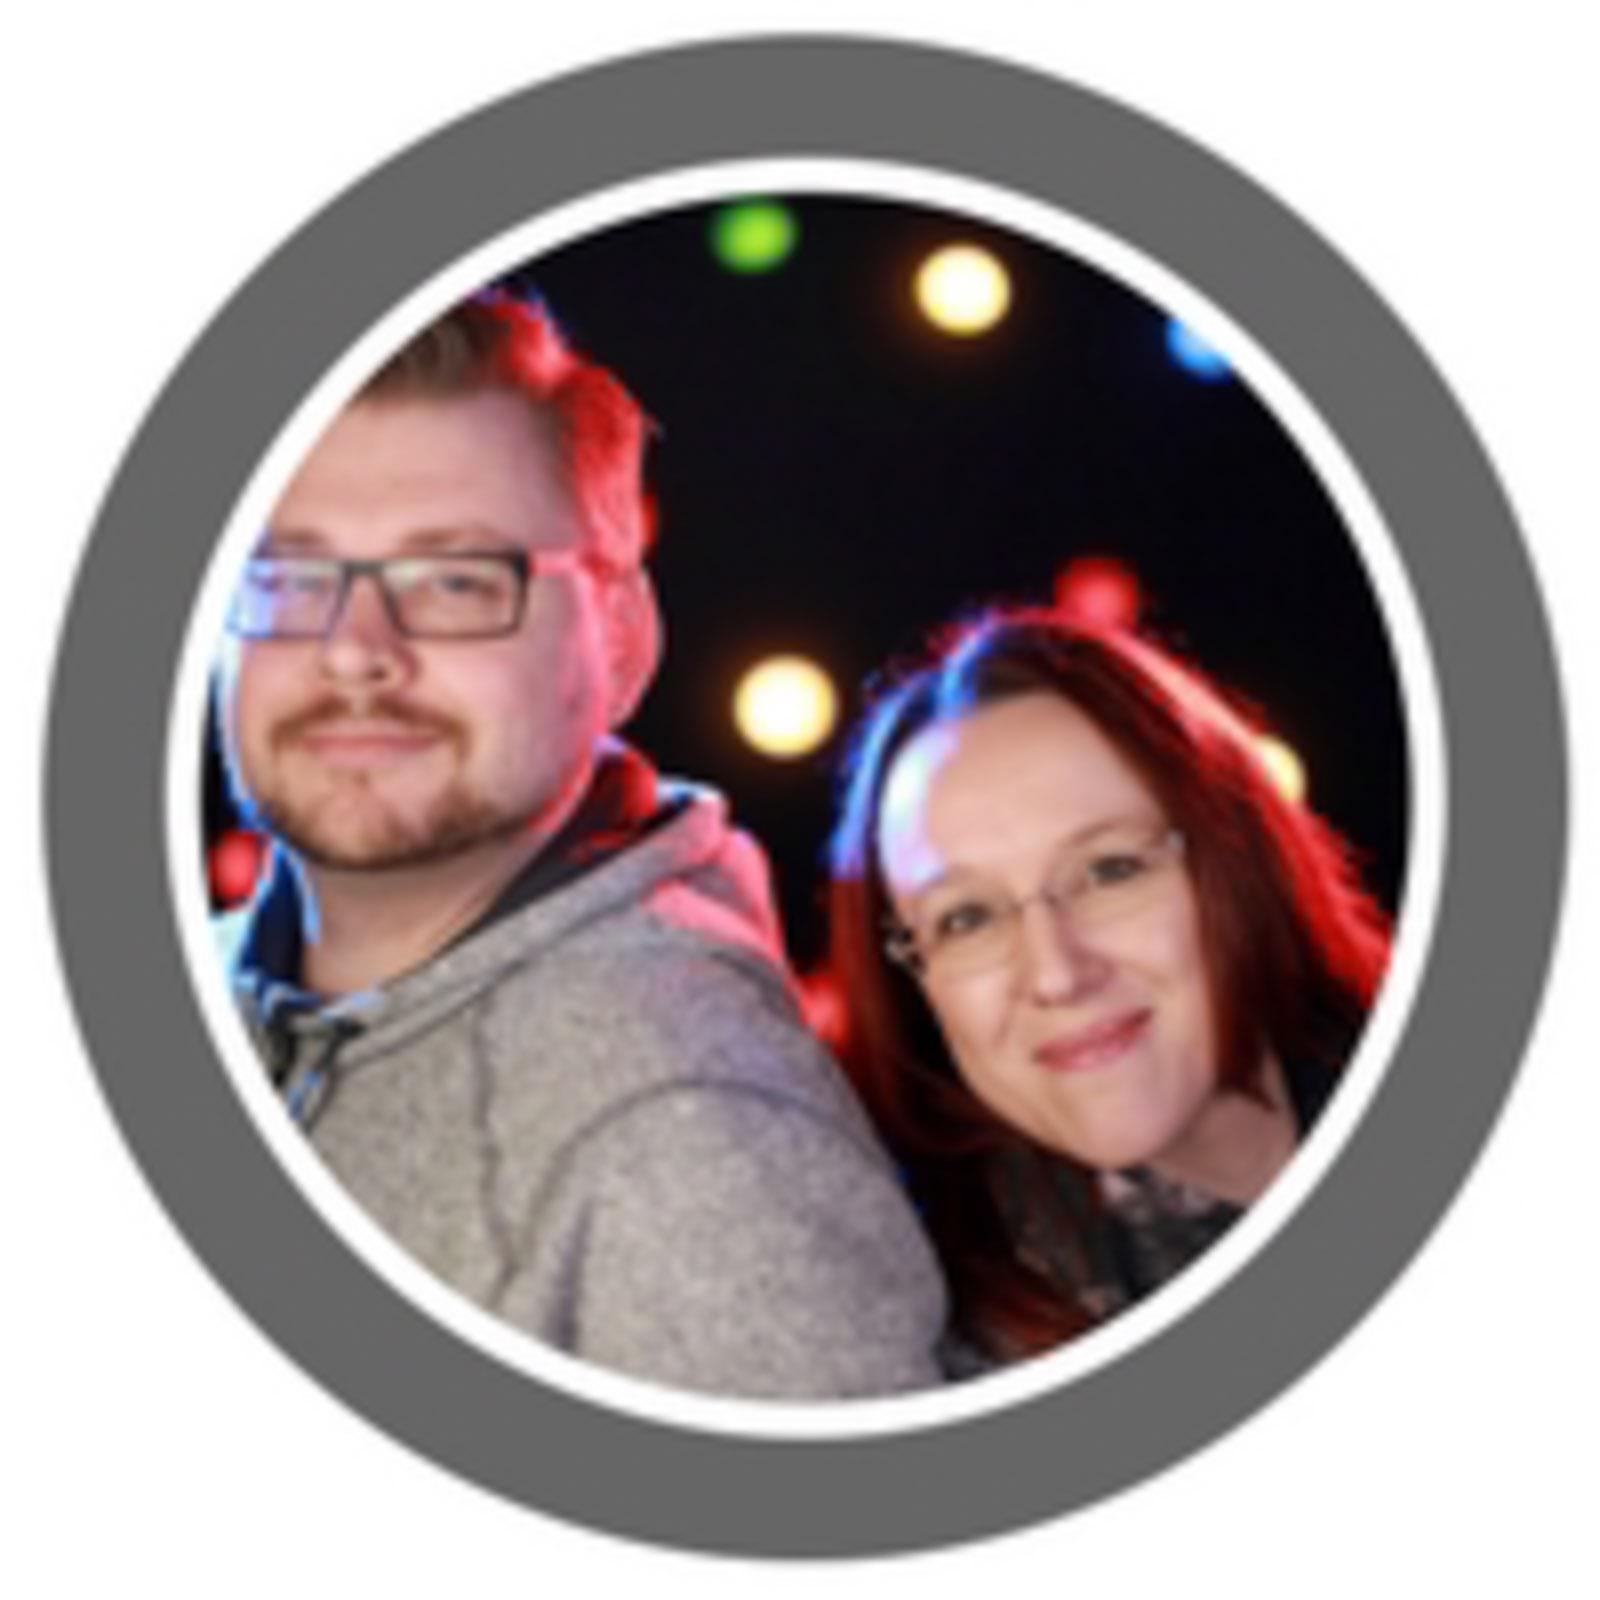 """Wir, das sind Vroni & Nico, beide Jahrgang 80 und seit April 2014 im Low Carb Universum vertreten. Ursprünglich wollten wir """"nur"""" abnehmen, mittlerweile ist Low Carb eine Lebenseinstellung geworden und unser Blog sowie Youtube unsere zweite Heimat."""